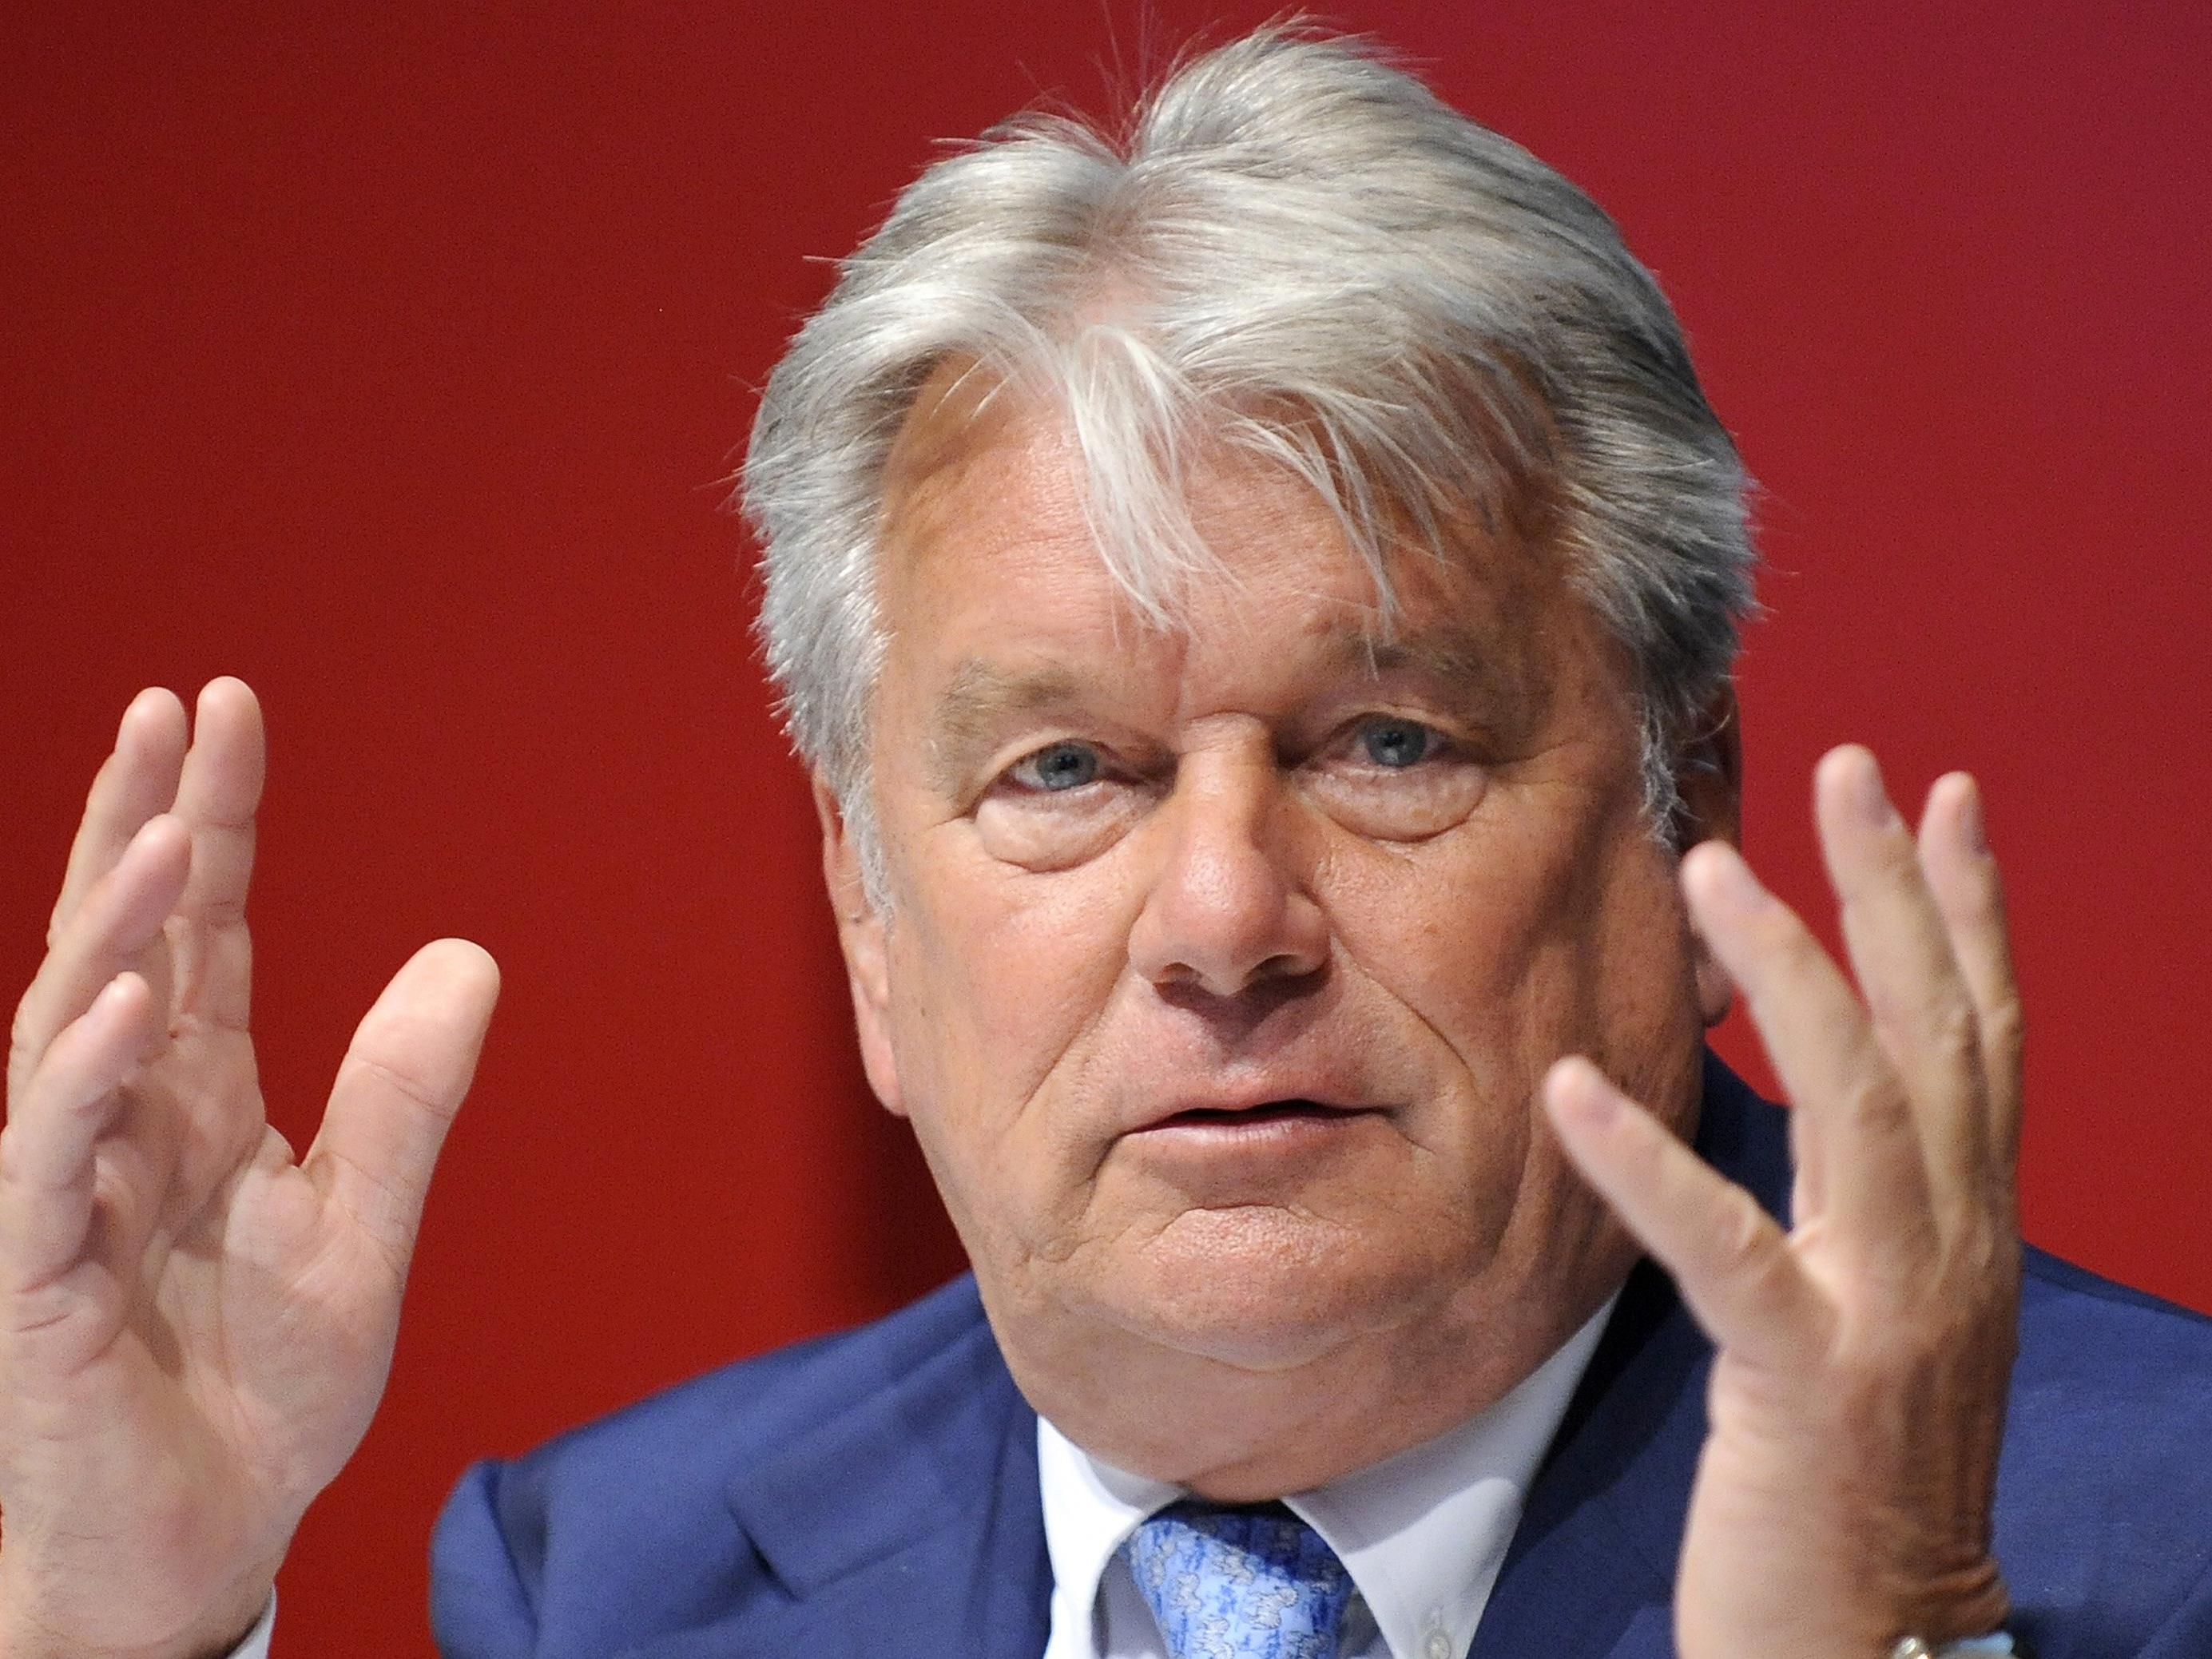 Unternehmer Hans-Peter Haselsteiner unterstützt den Wahlkampf von Alexander Van der Bellen finanziell